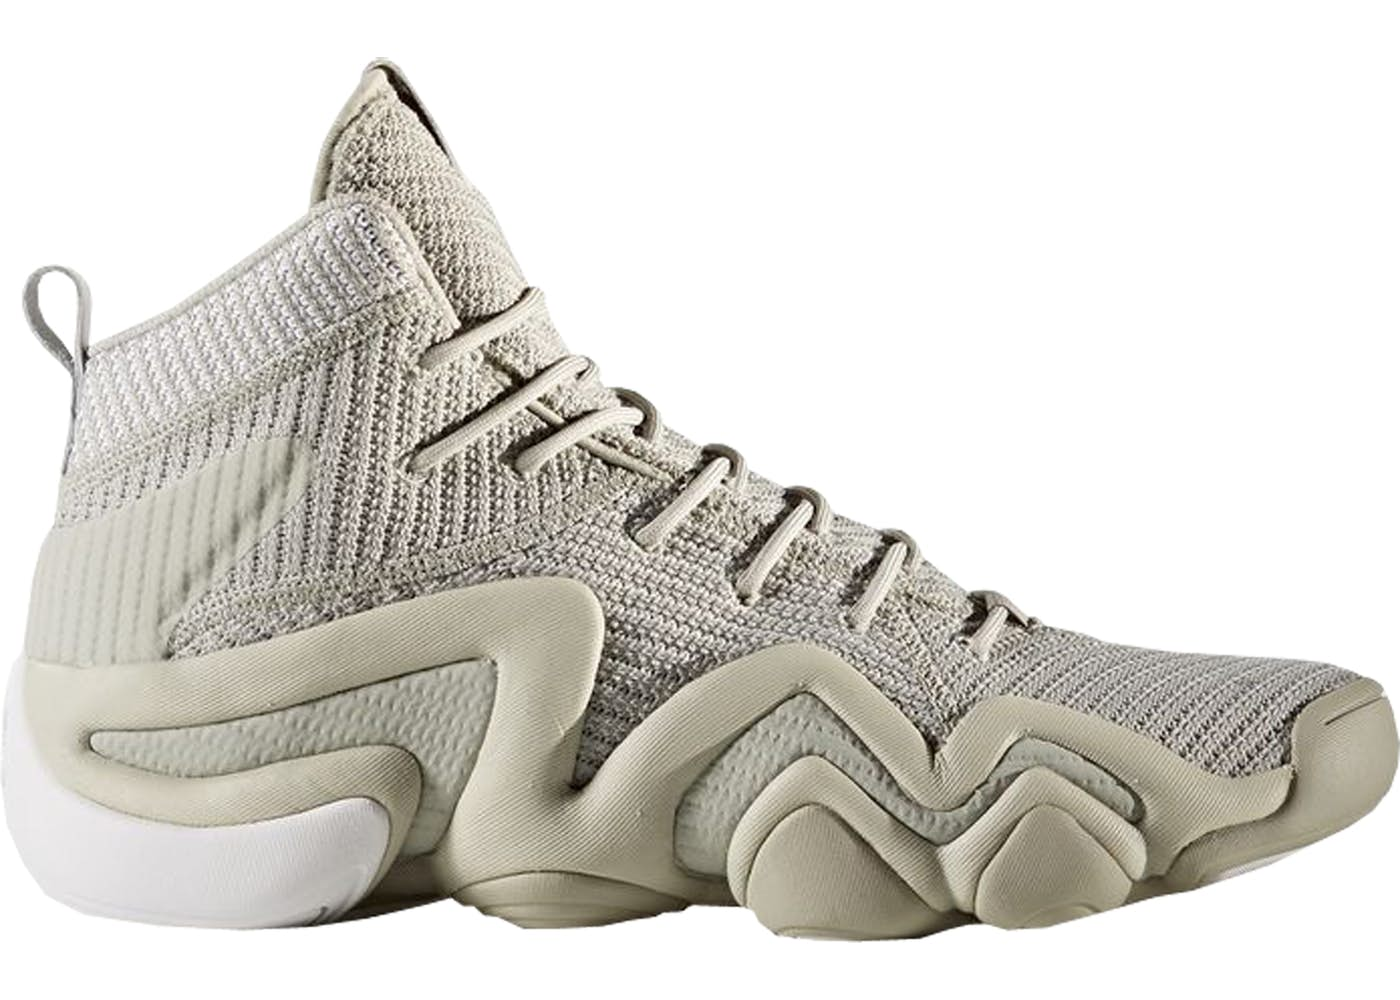 brand new adidas yeezy stivali size 8